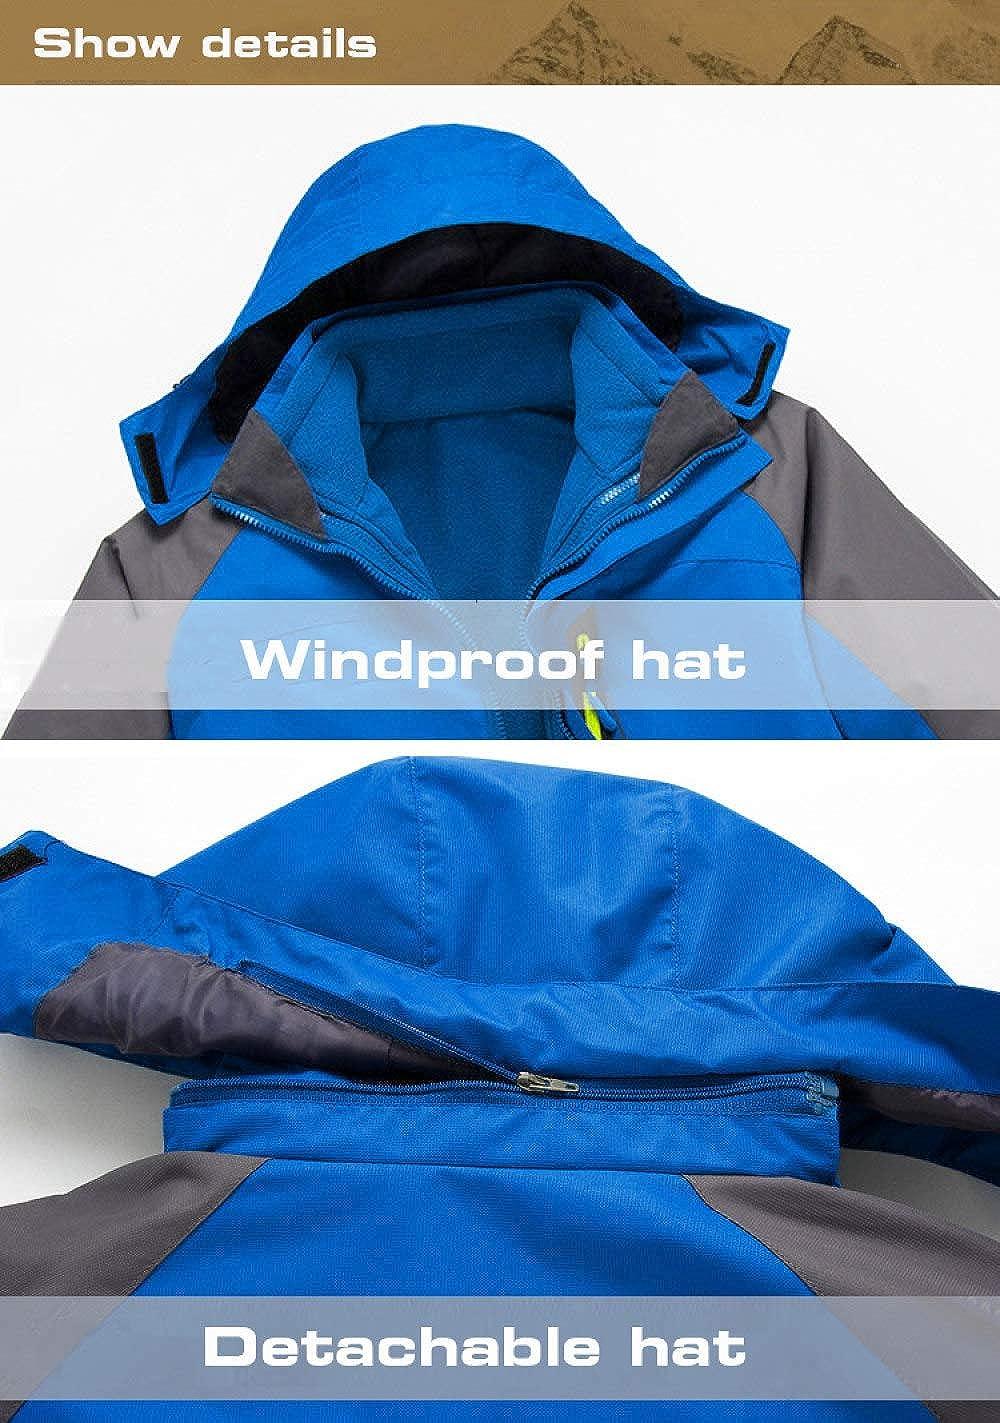 TTYYNN SkianzugSkianzug f/ür Herren Fleece Warm Windproof wasserdichte Skianz/üge Snowboard Set M/ännliche Outdoor-Skijacke///Softshell Pant